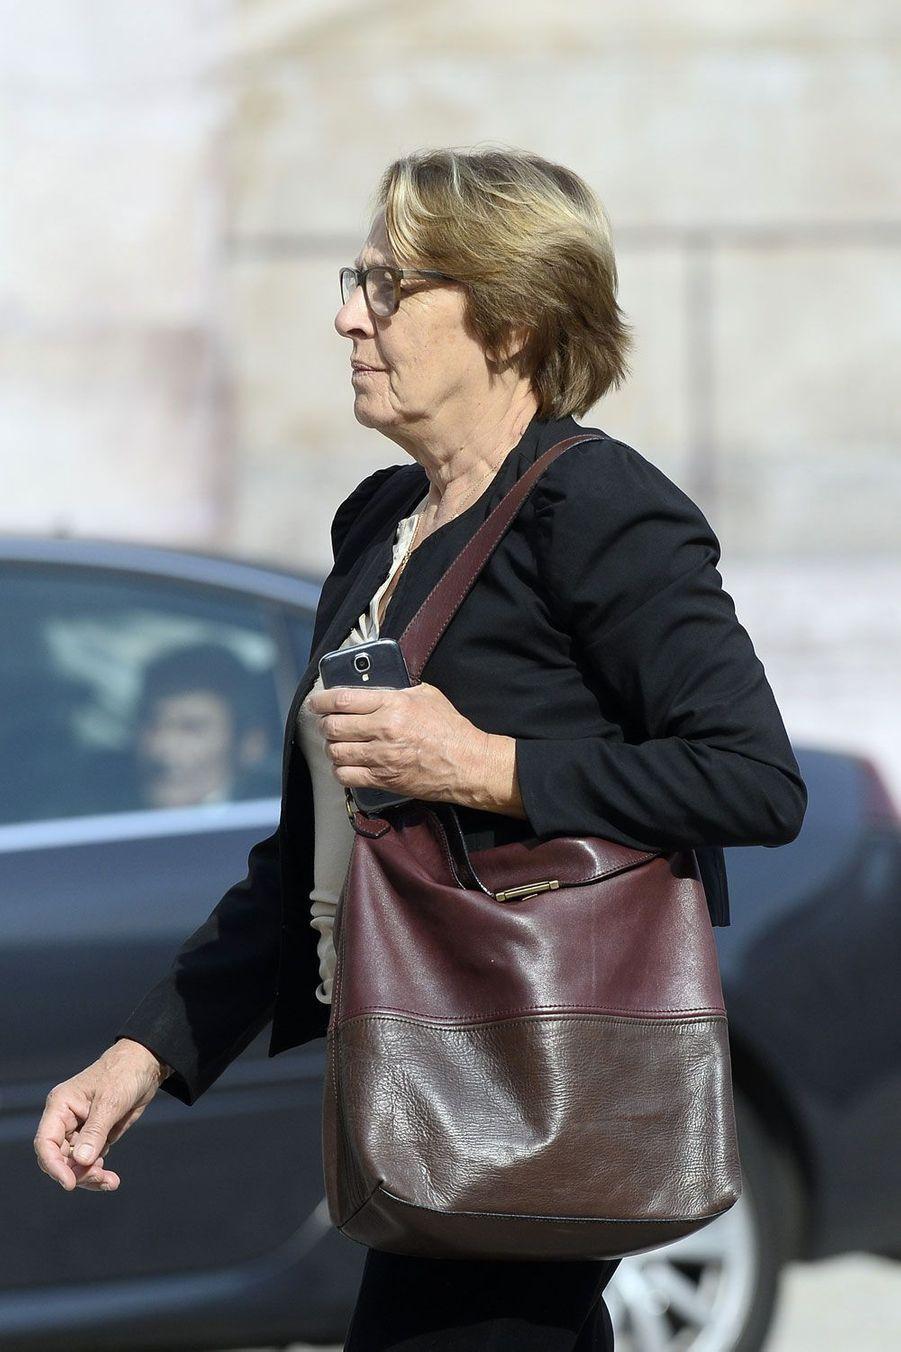 La ministre socialiste de la Fonction publique, Marylise Lebranchu